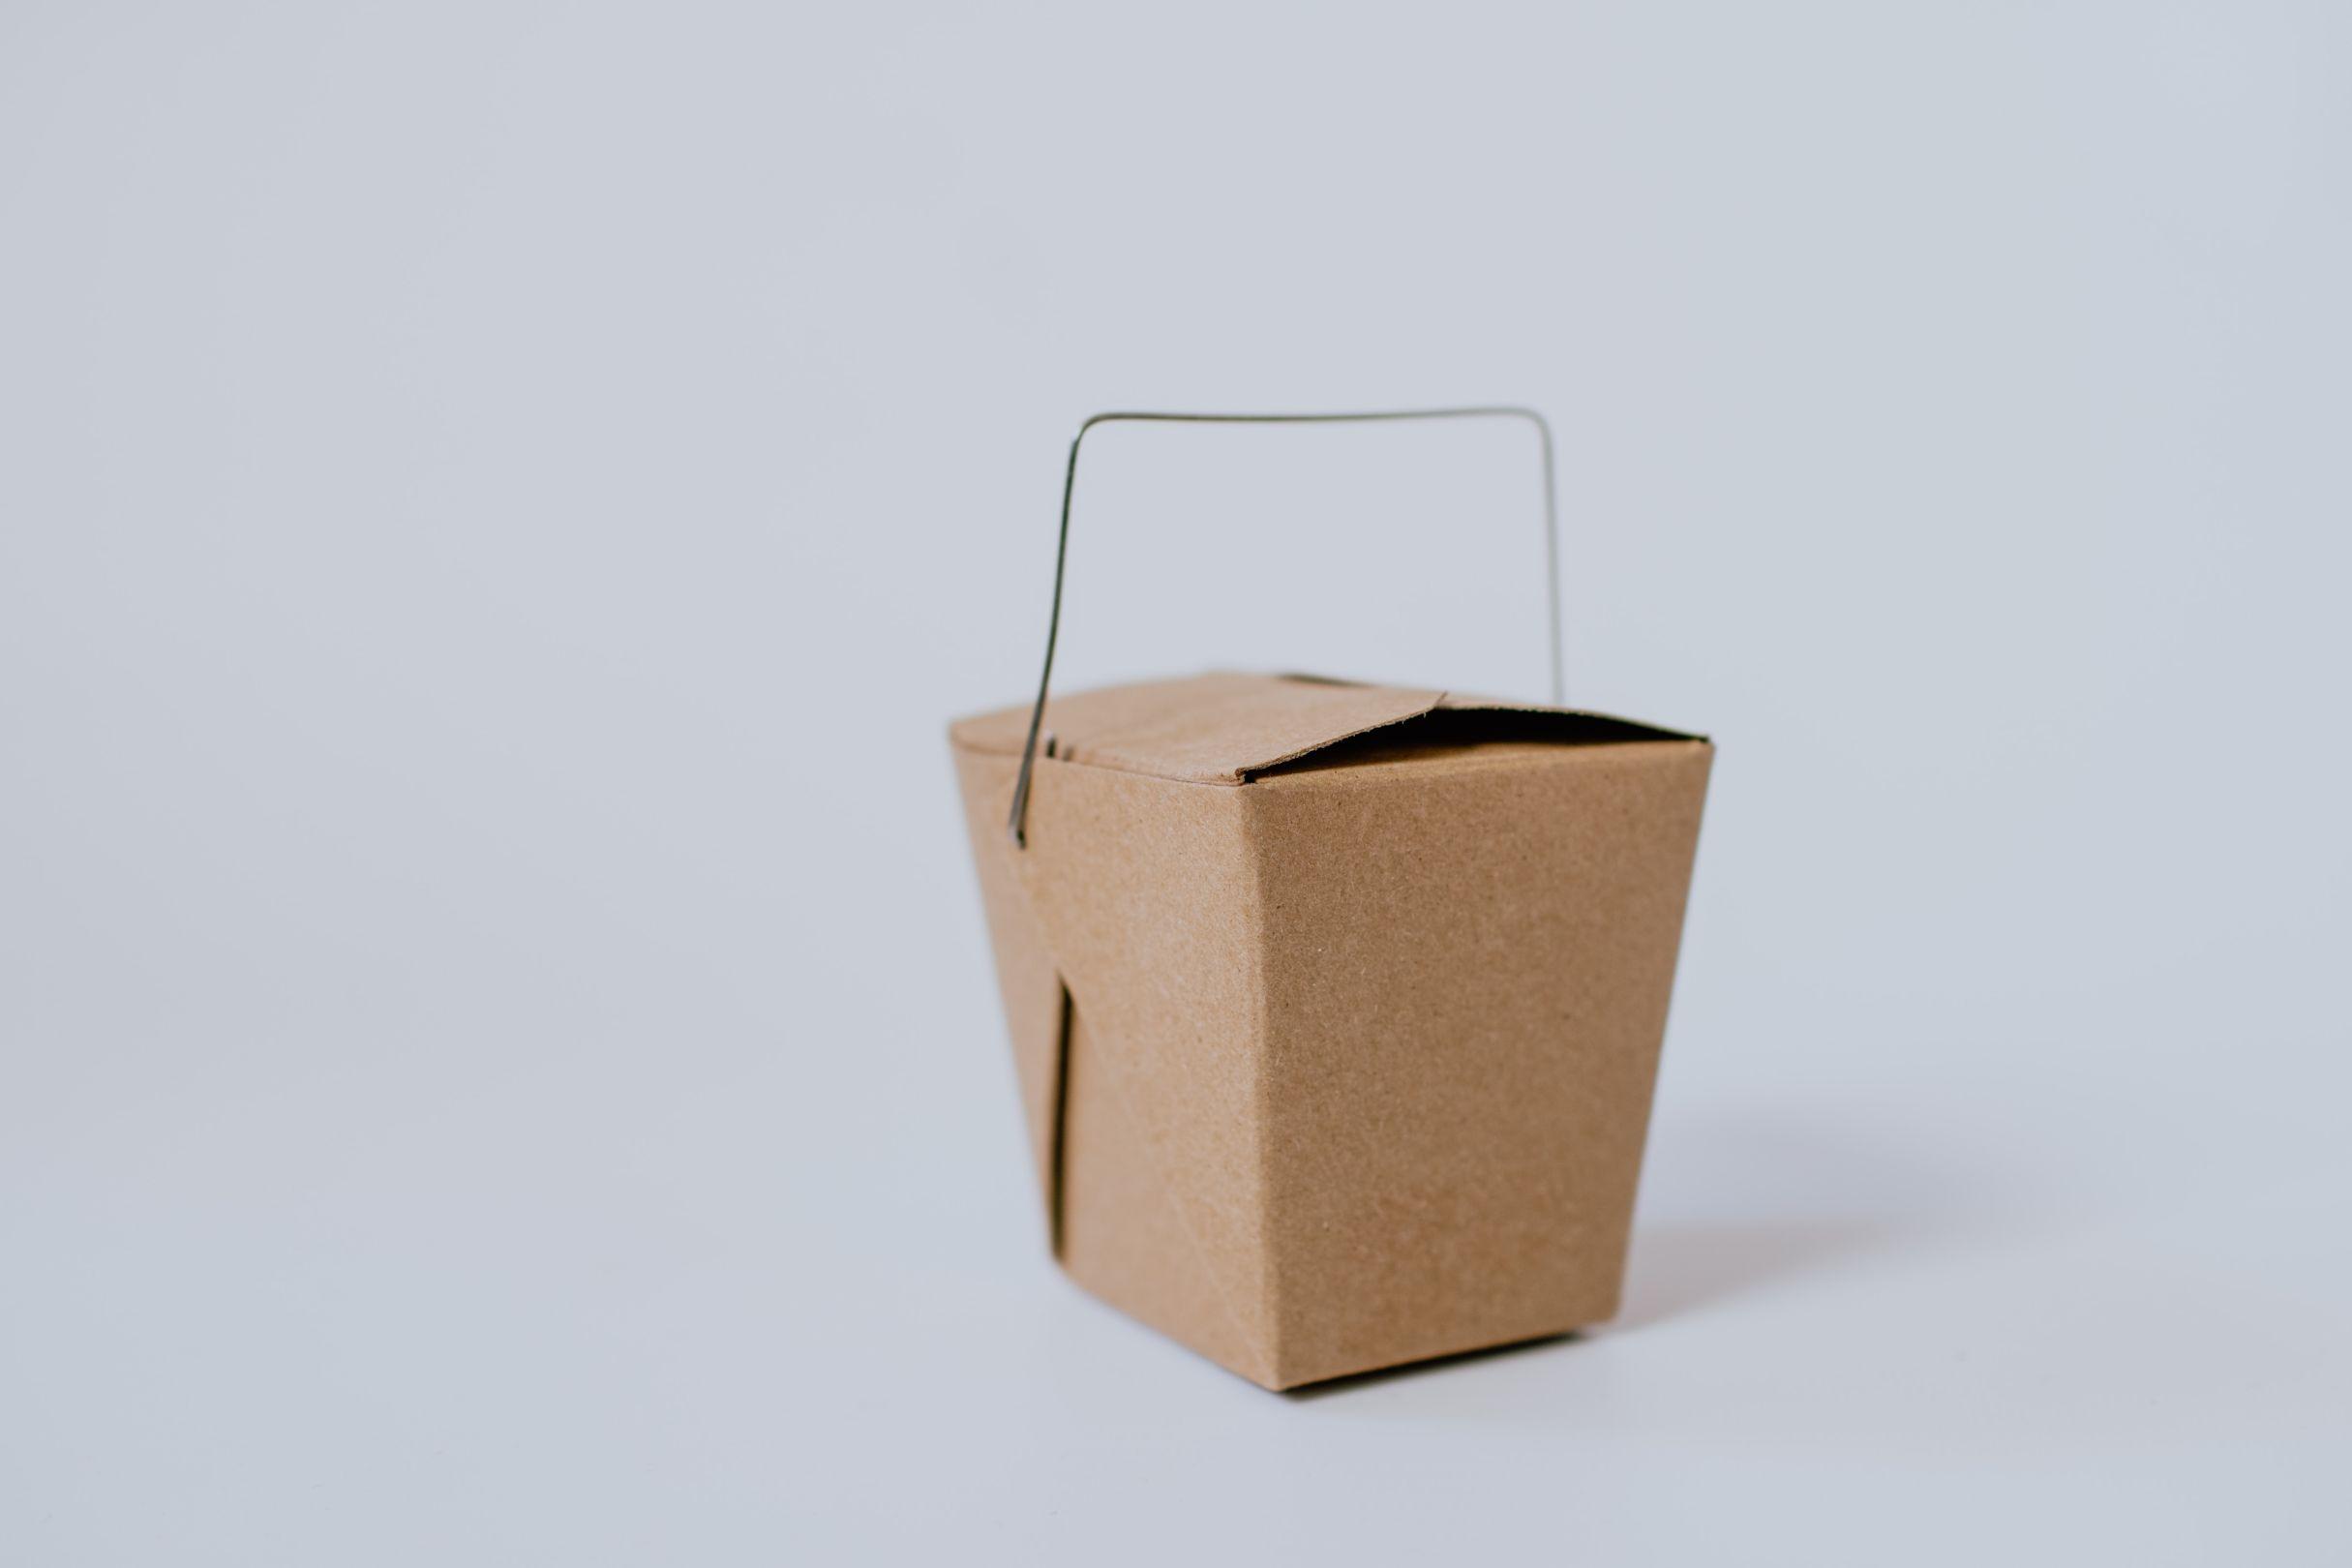 盒立方丨瓦楞纸箱如何做到防水防潮?